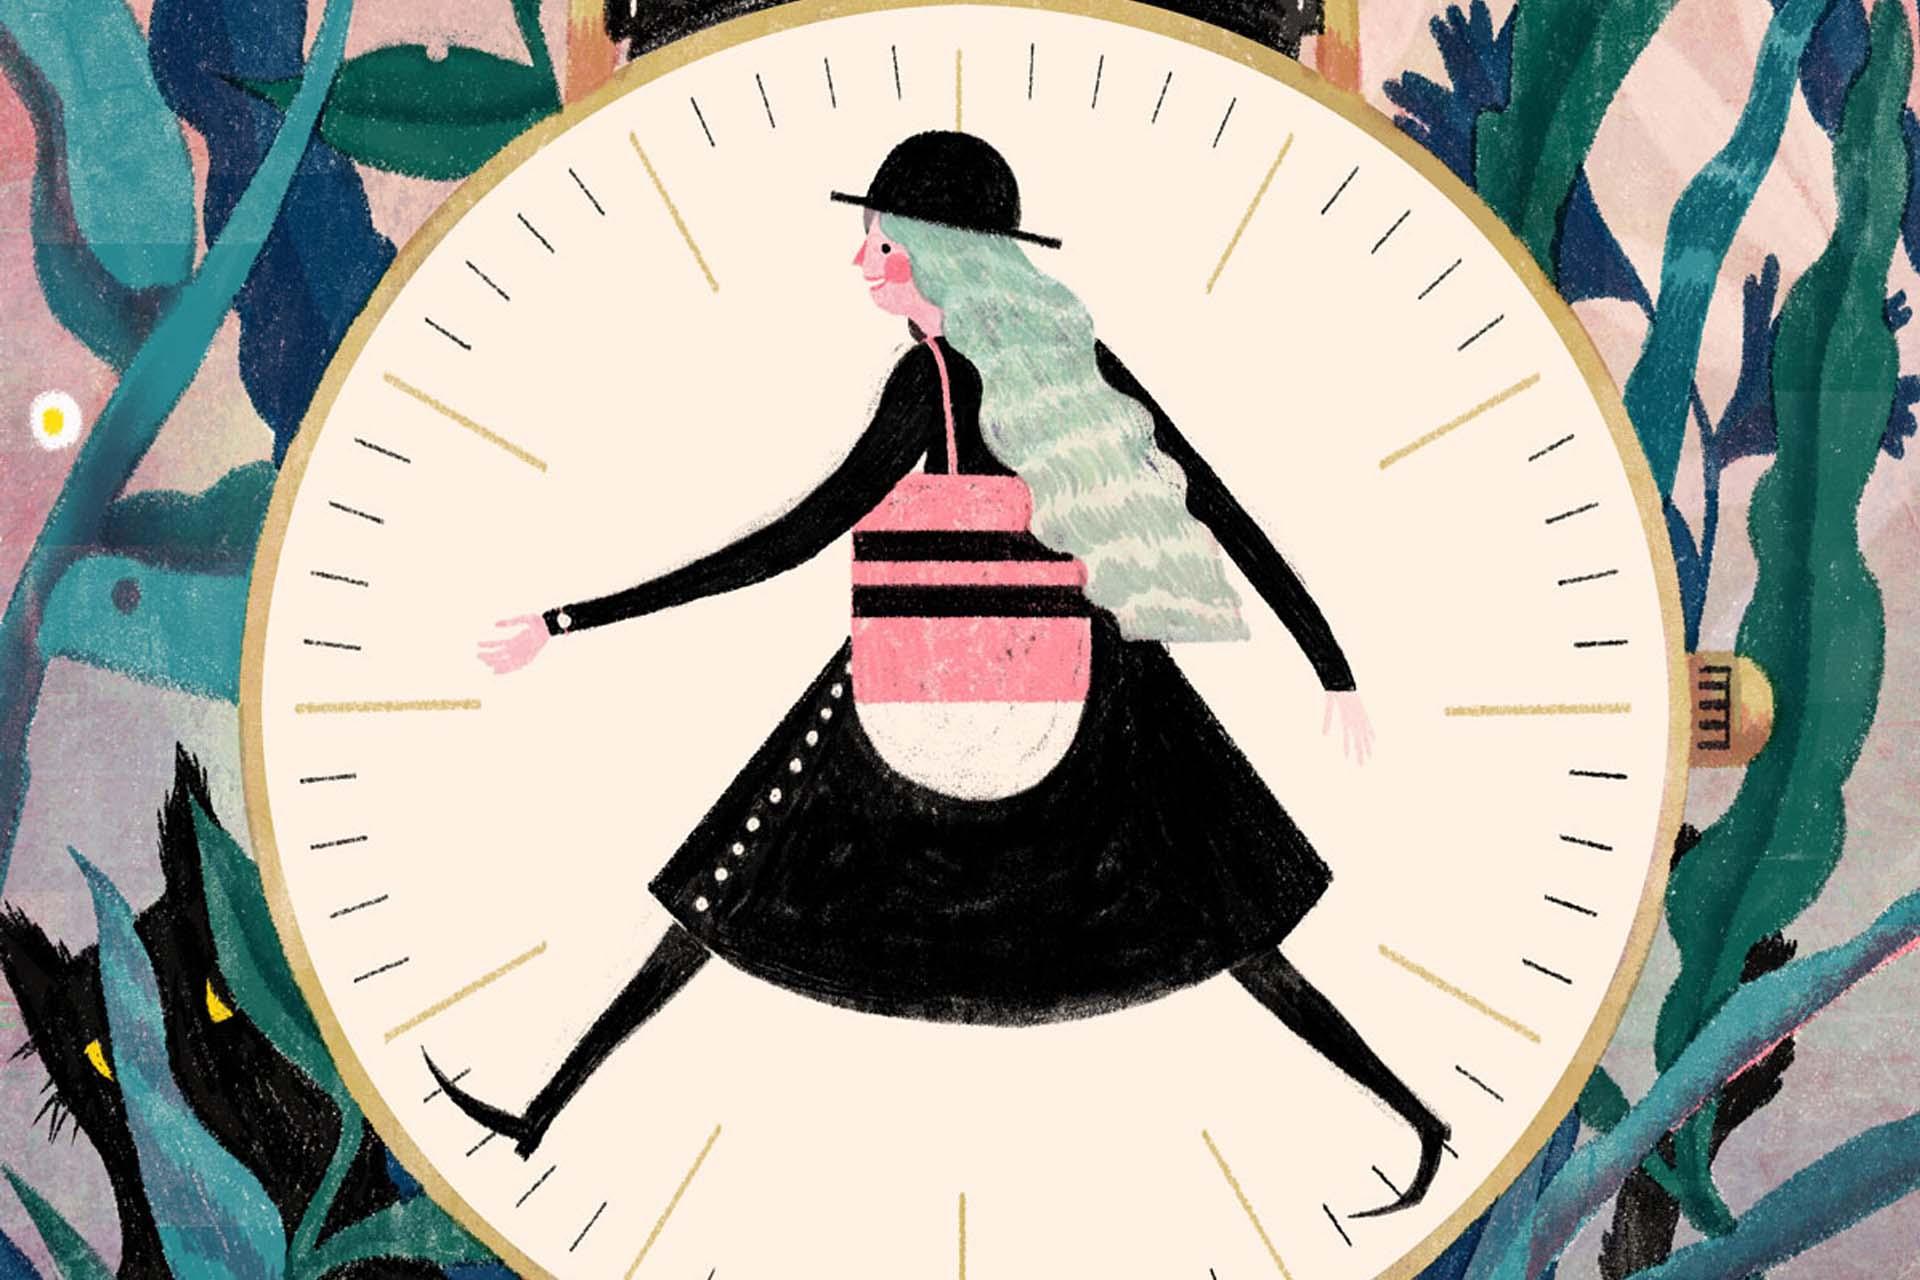 Mikor kreatív a korán kelő pacsirta és a későn fekvő bagoly? Teszt!